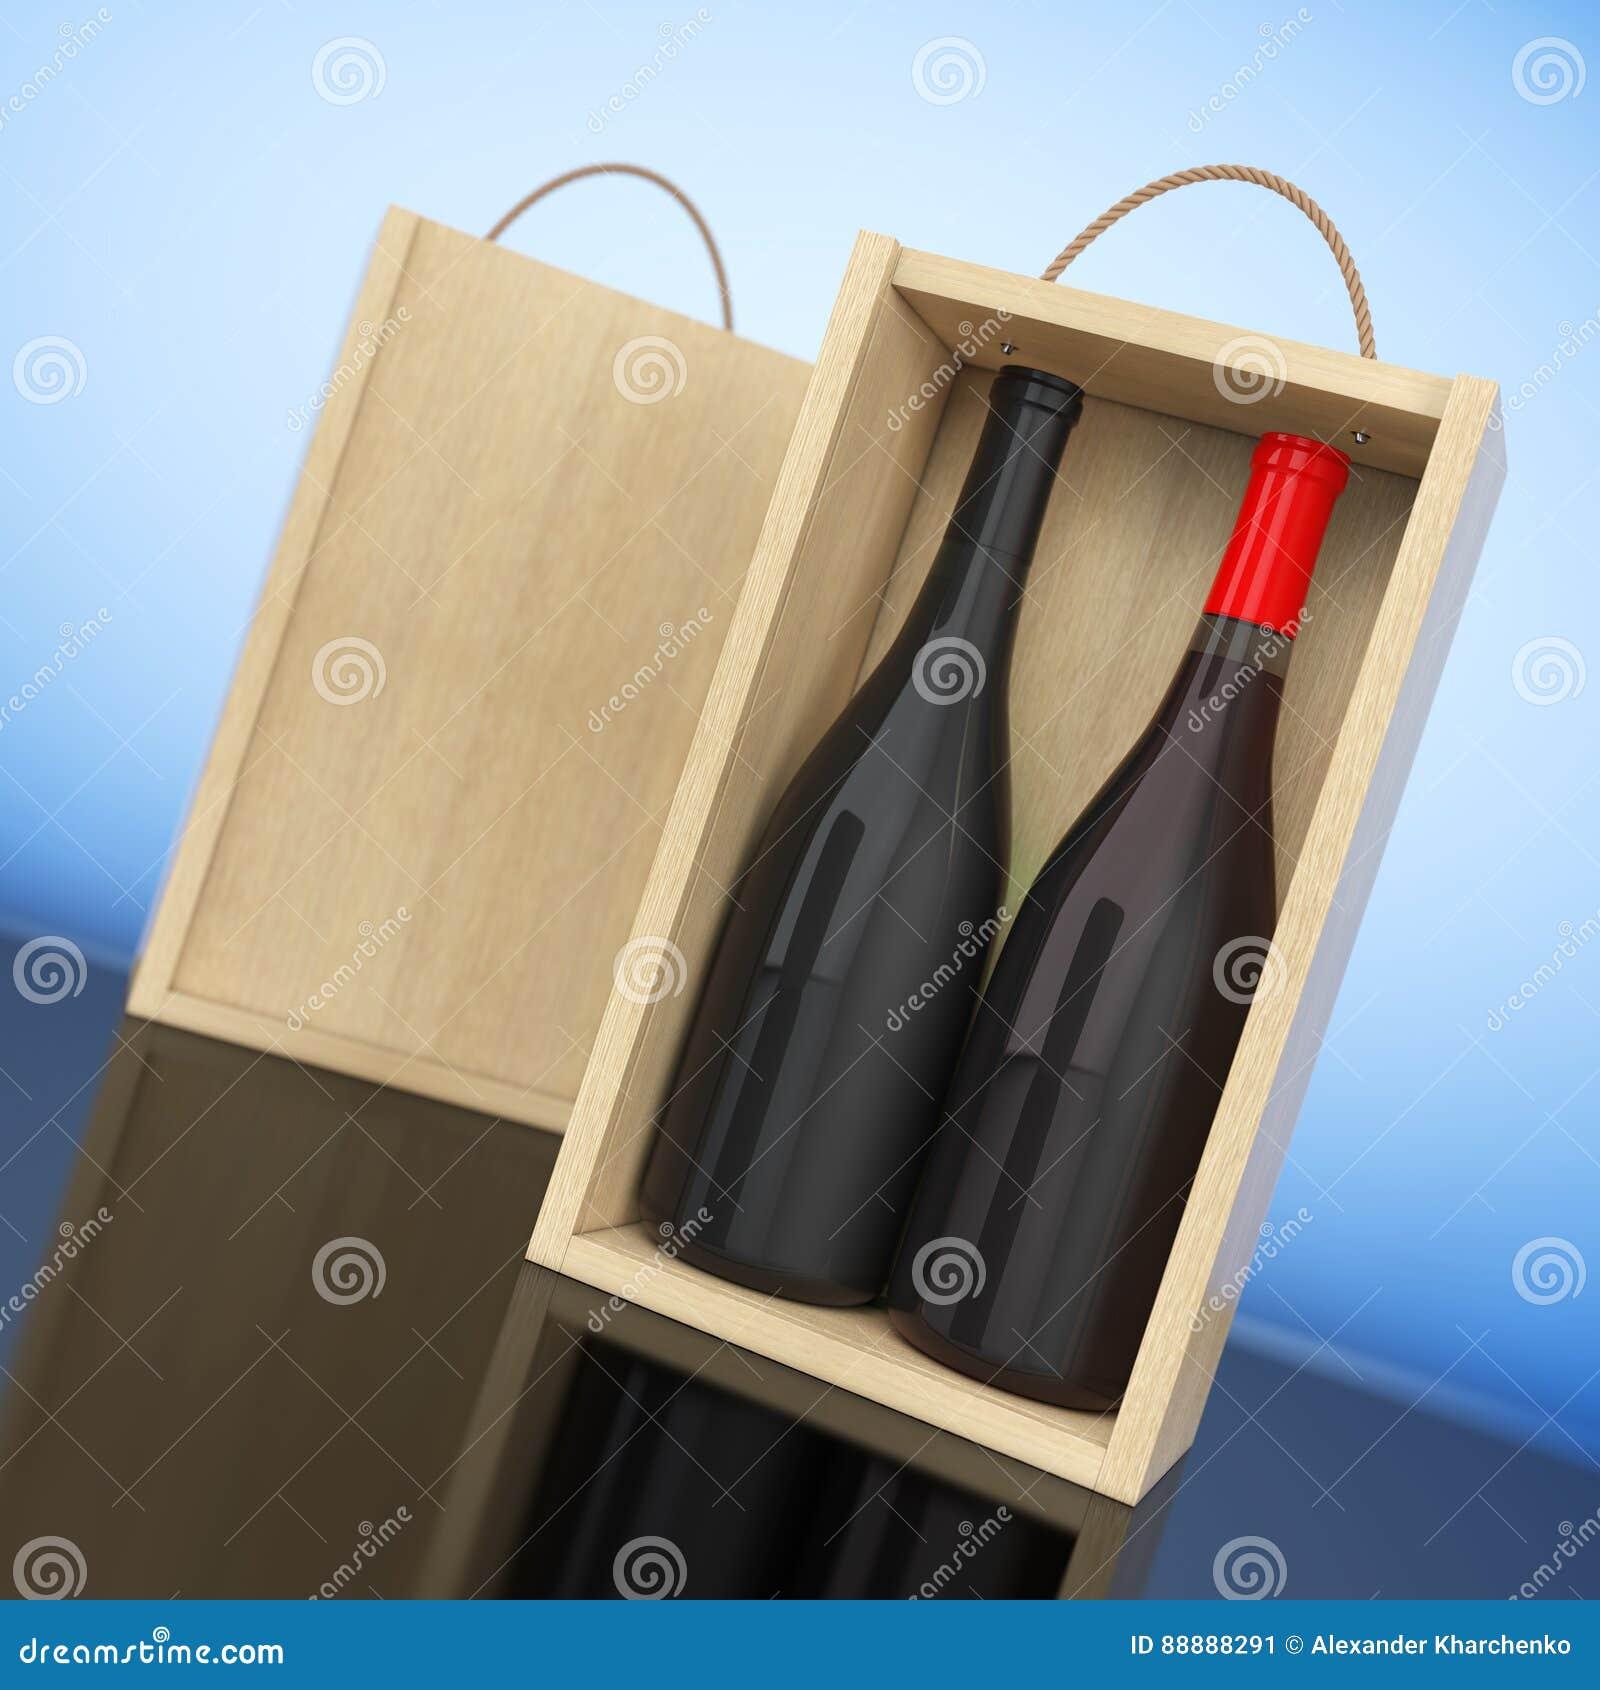 在空白的木酒的酒瓶包装与把柄 3d翻译